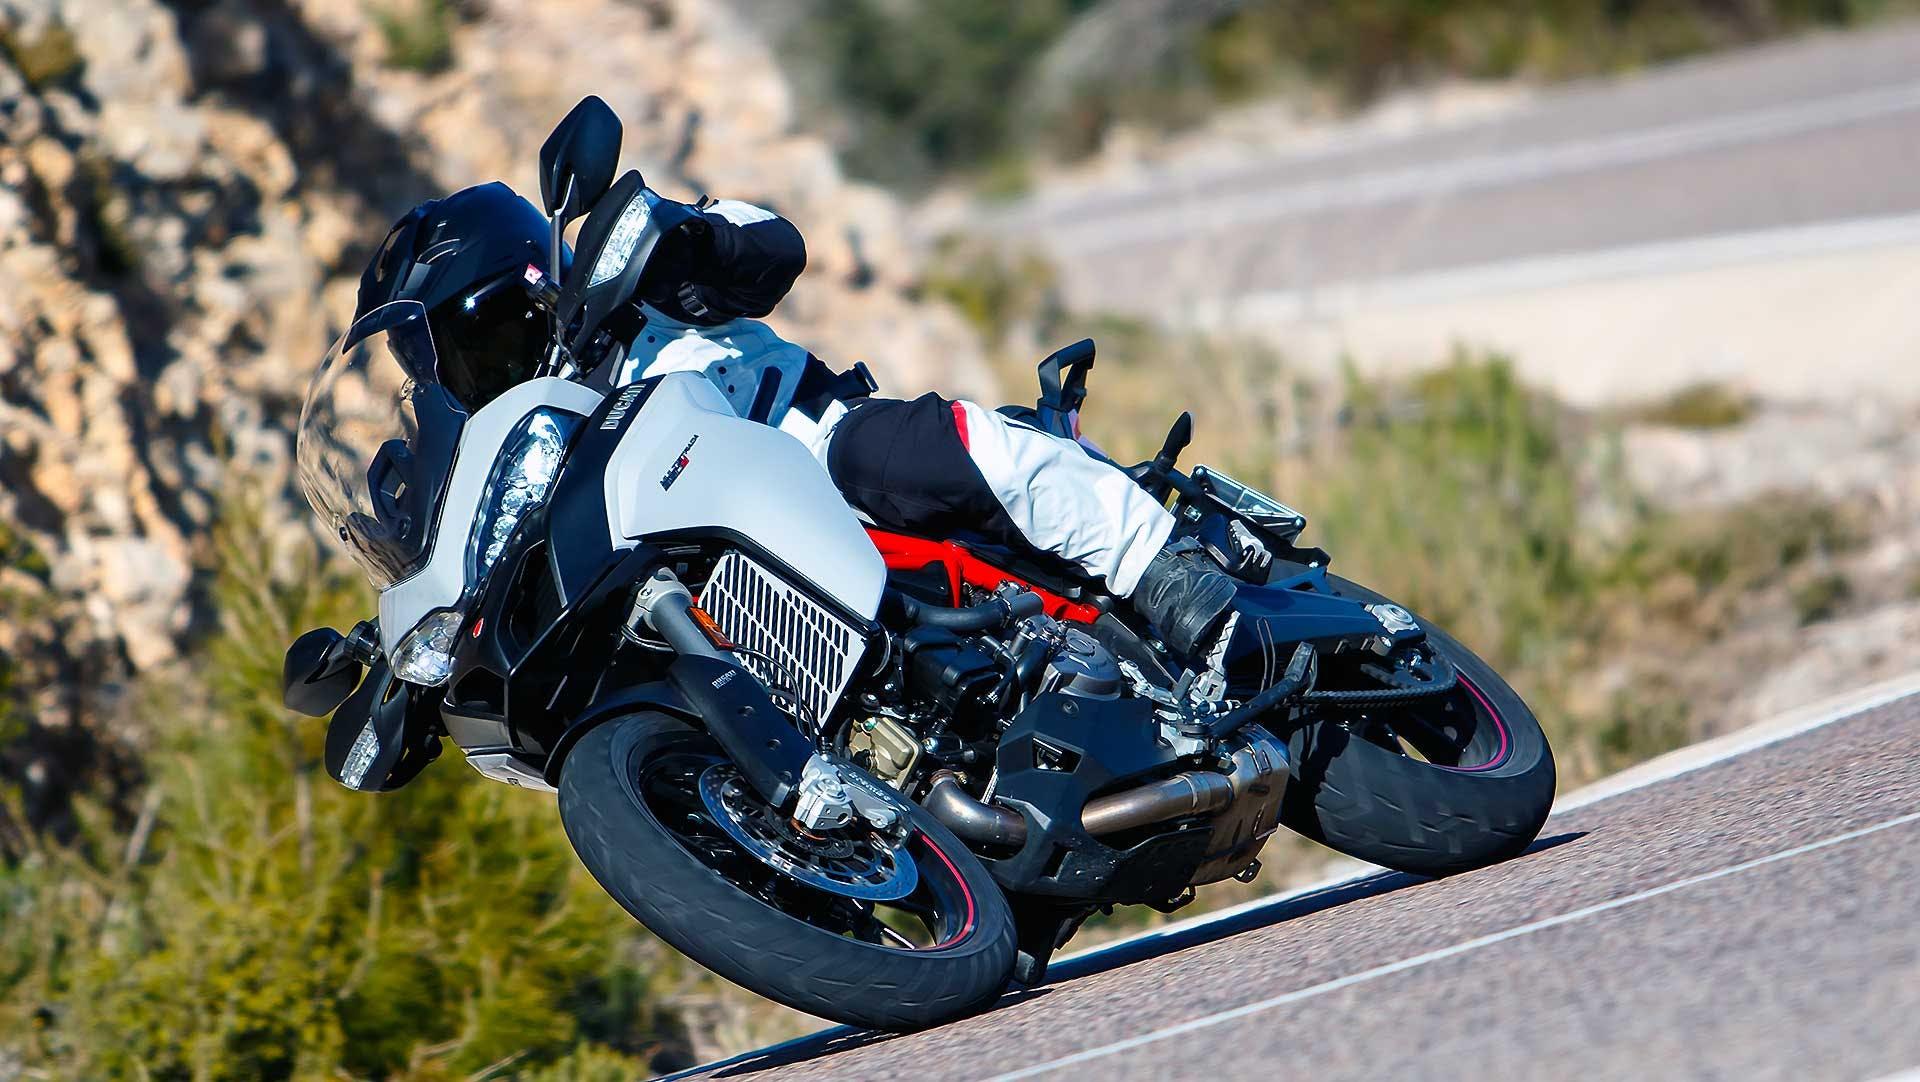 Ducati-Multistrada-950-S-2019-018